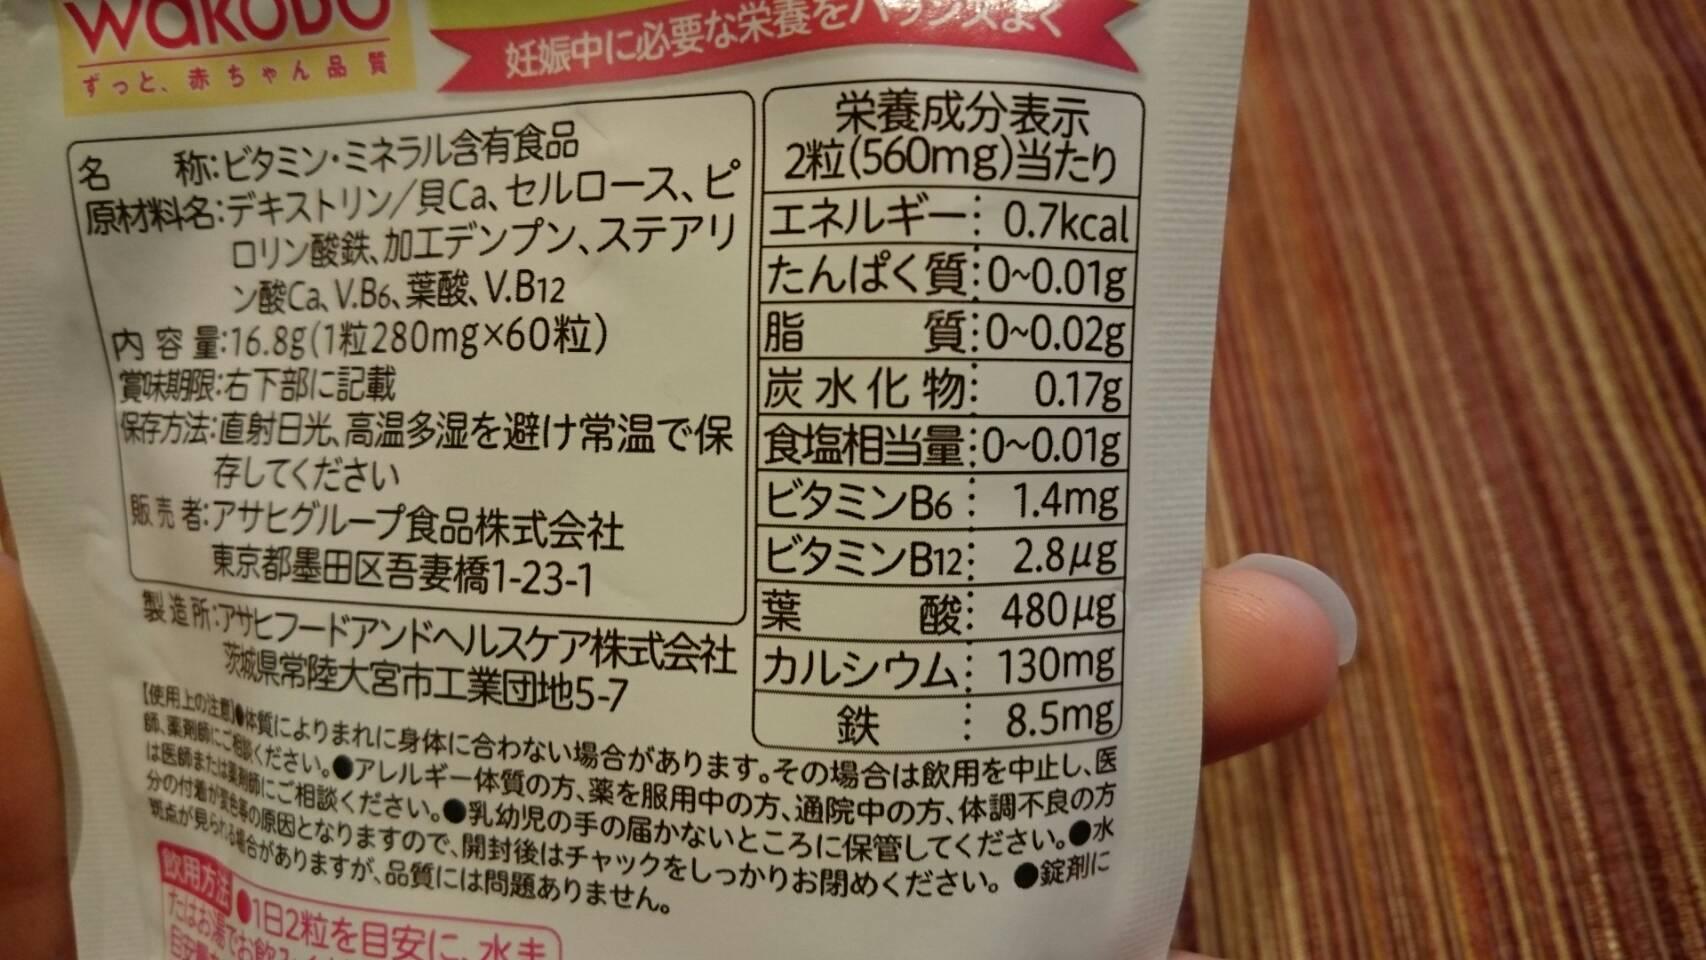 マタニティチャージの栄養成分表示